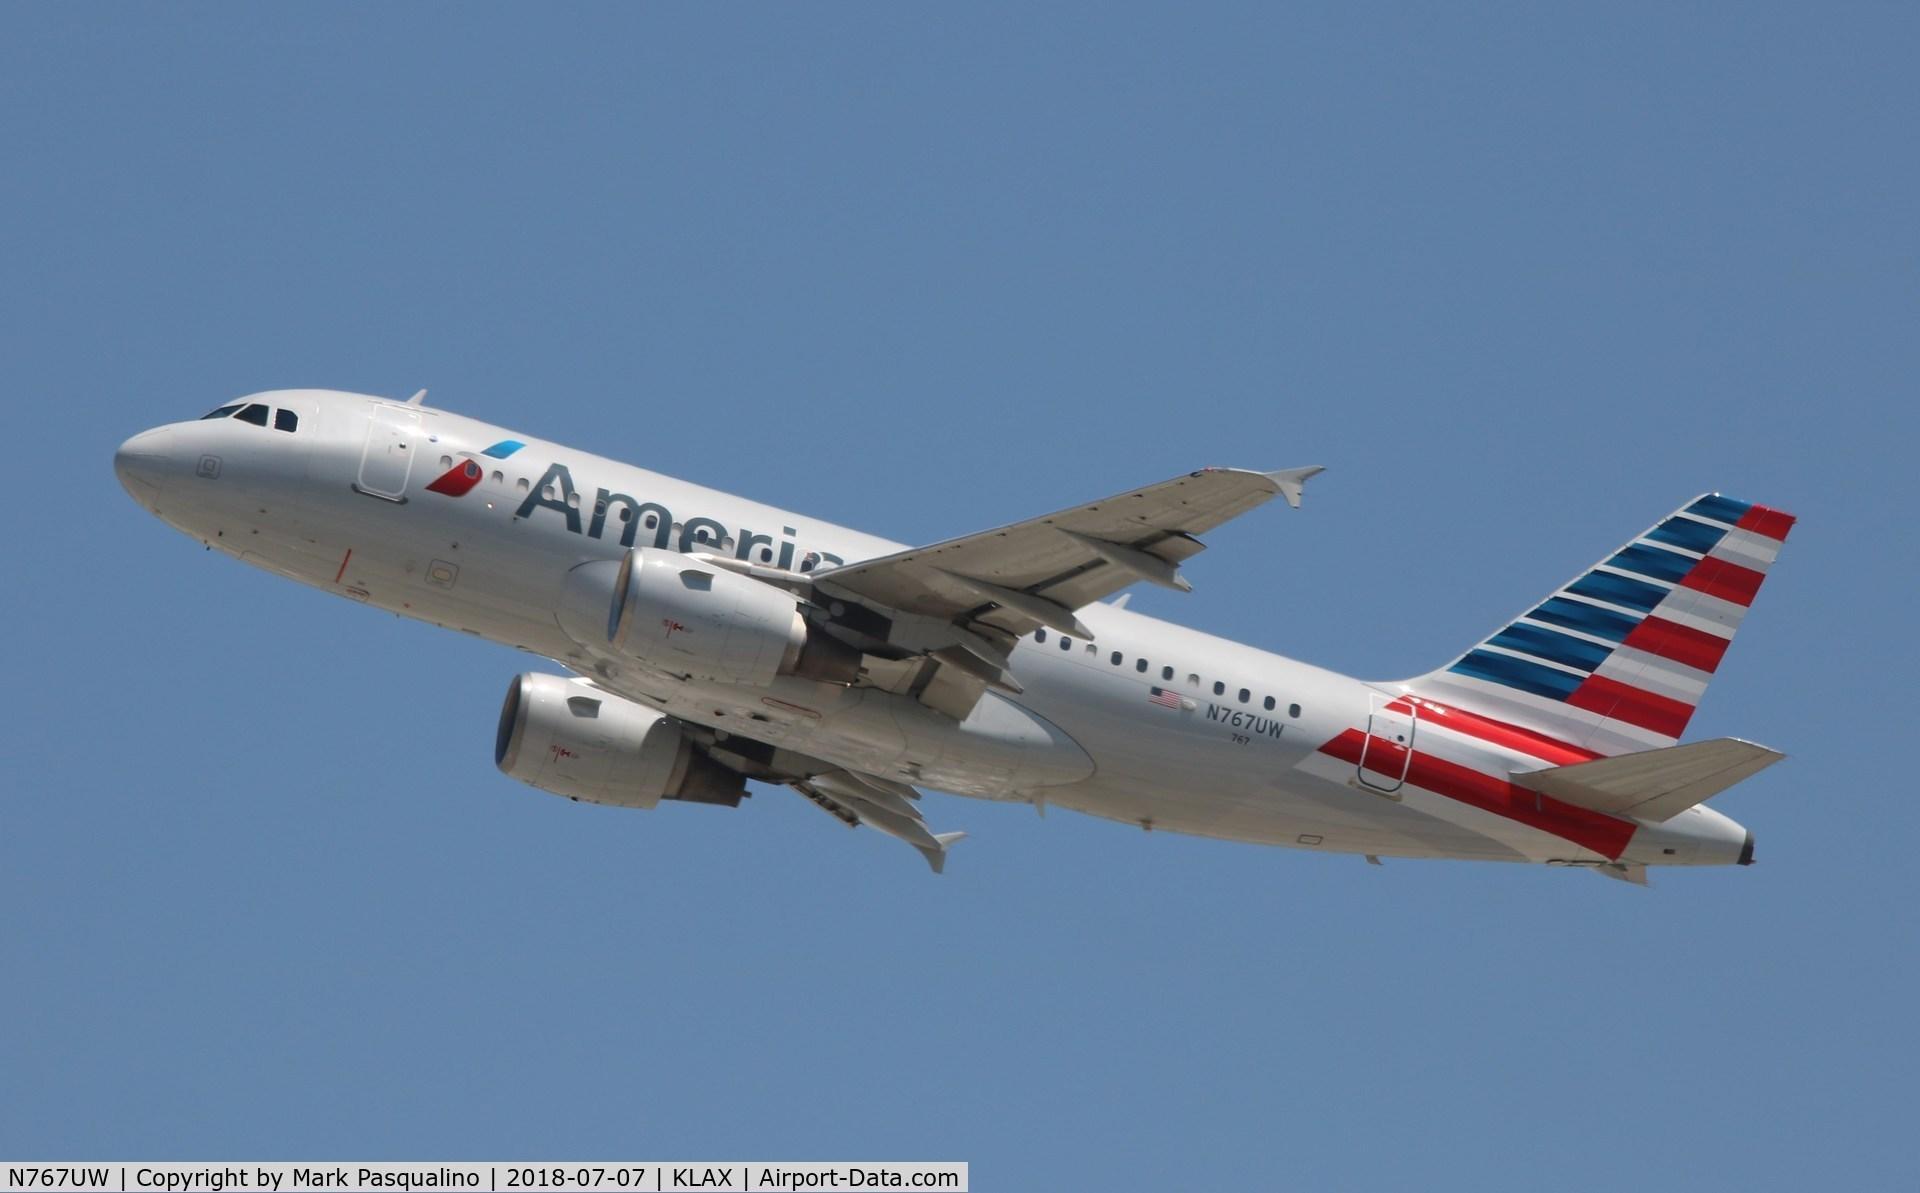 N767UW, 2000 Airbus A319-112 C/N 1382, Airbus A319-112